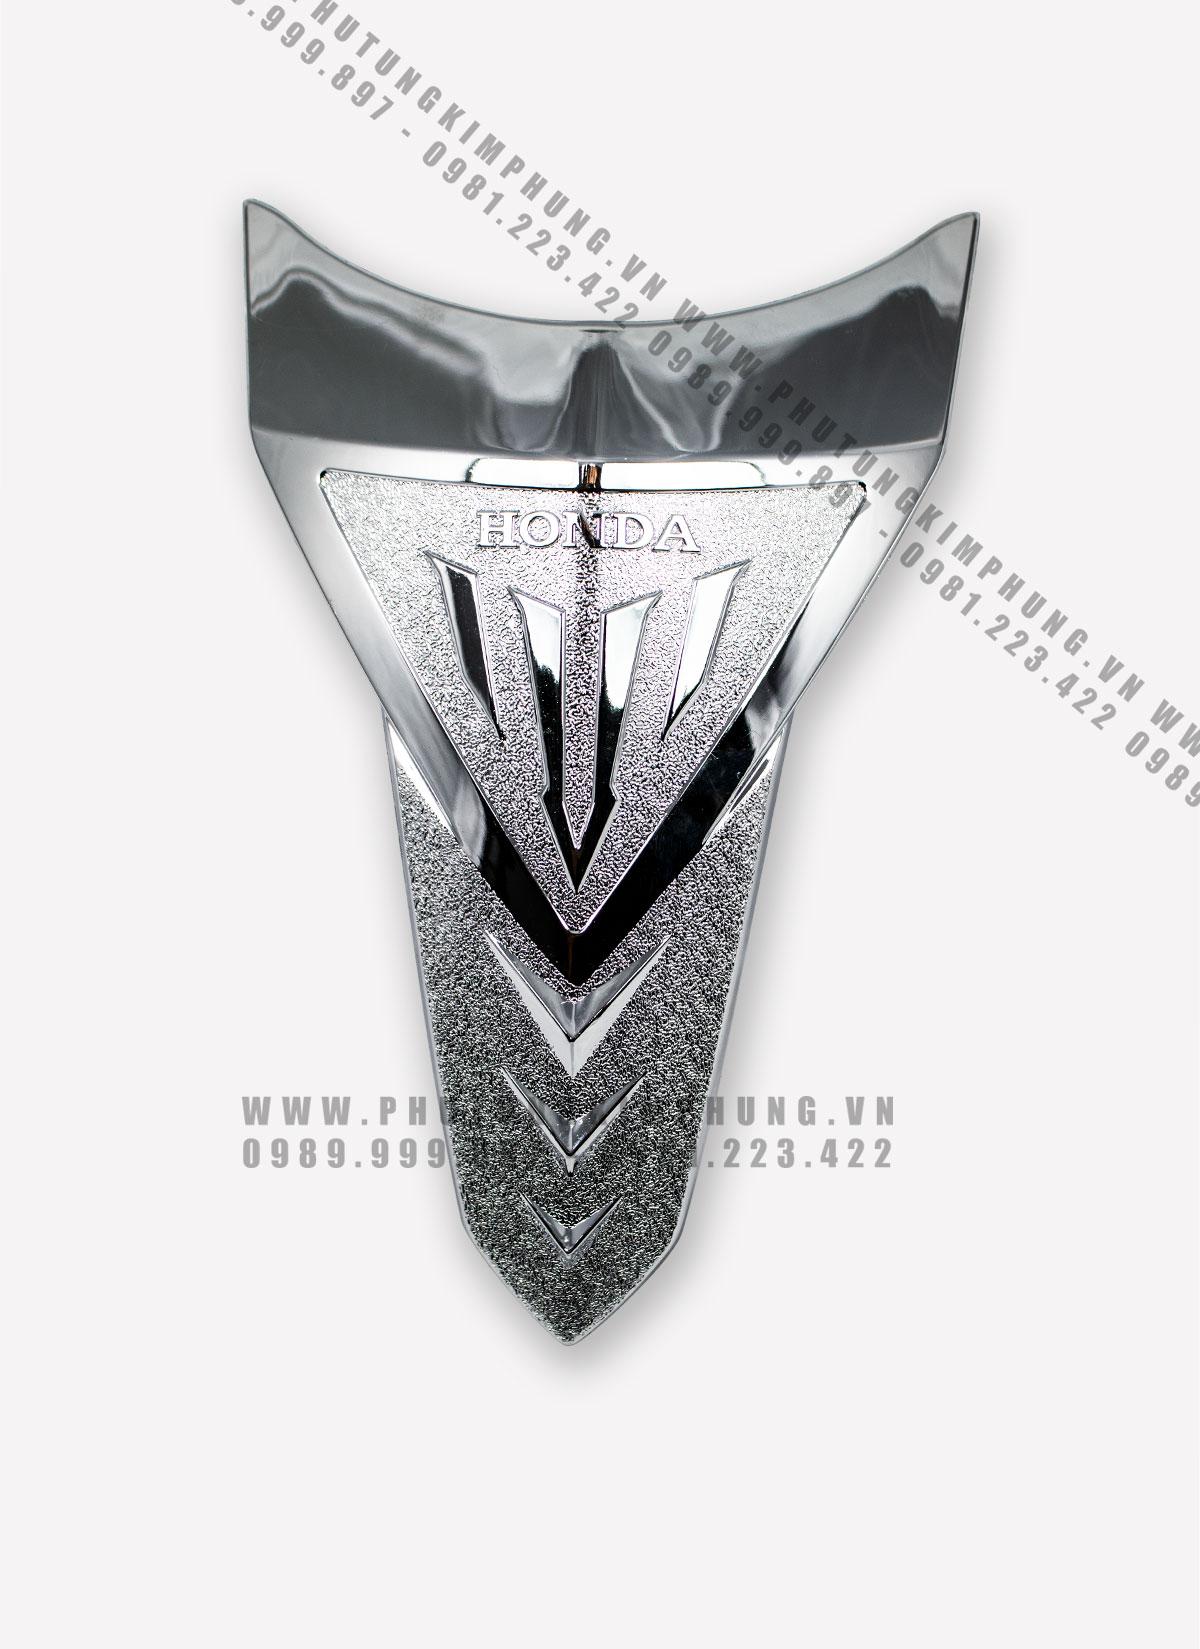 ỐP CHỈ MŨI WAVE RSX 14